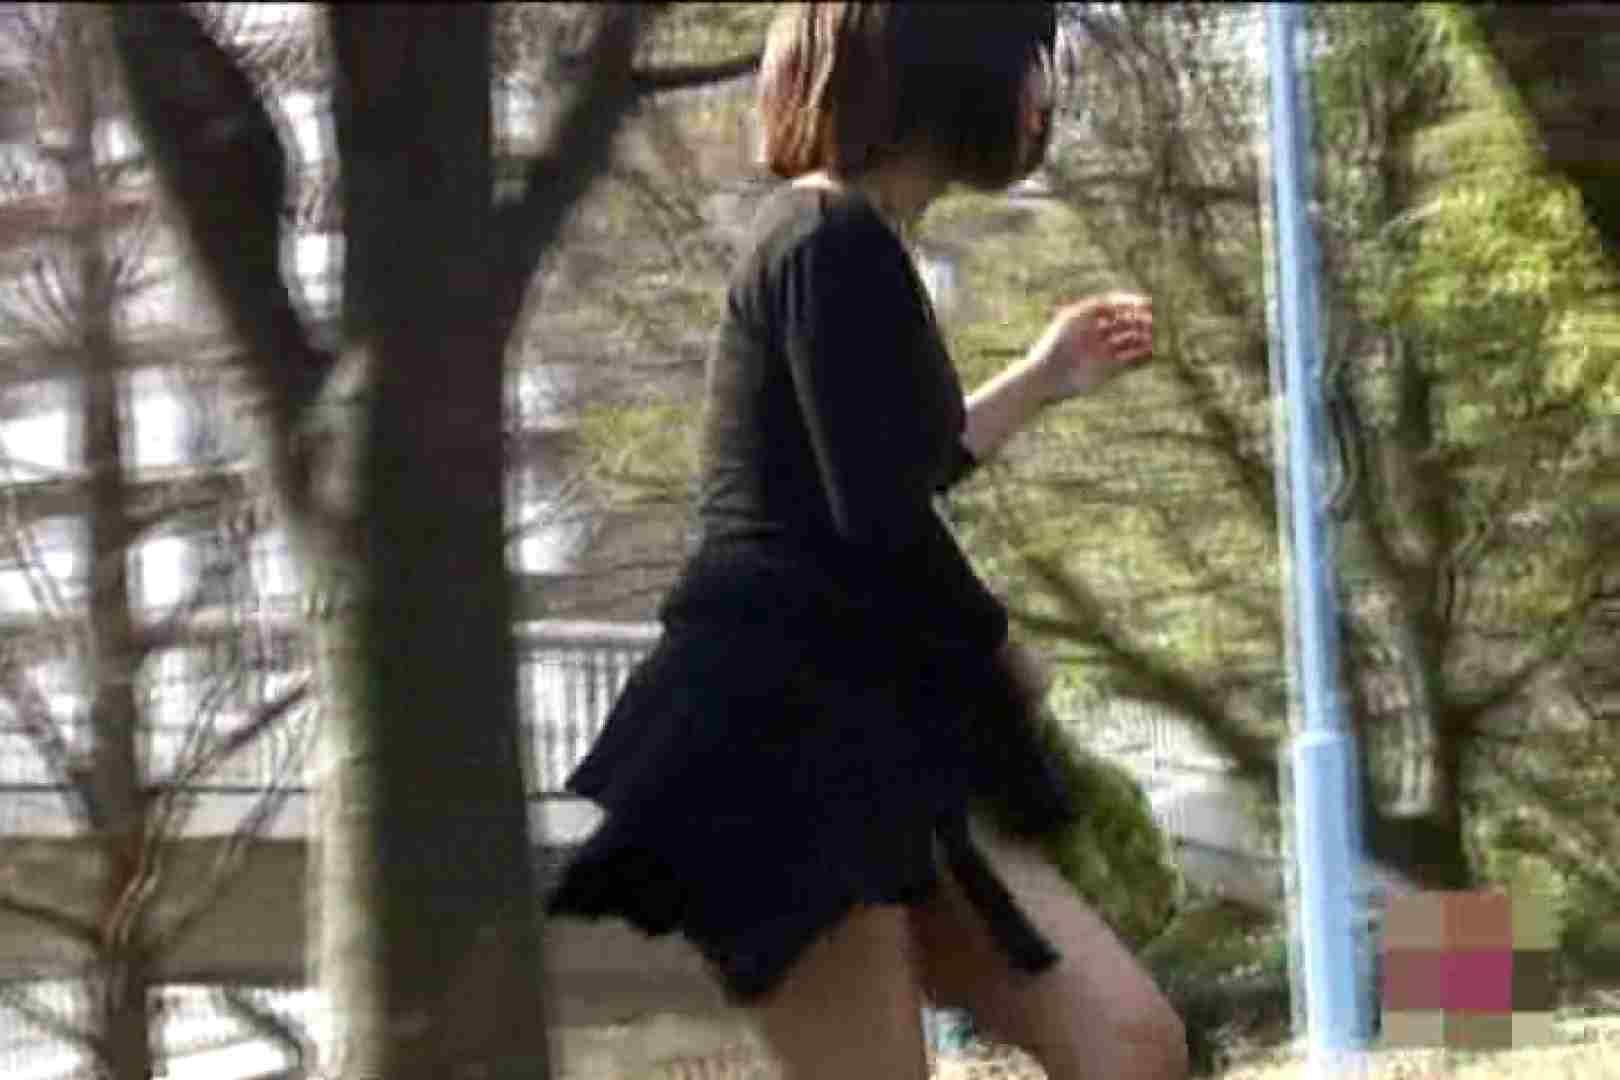 検証!隠し撮りスカートめくり!!Vol.7 ワルノリ | エロティックなOL  78画像 55